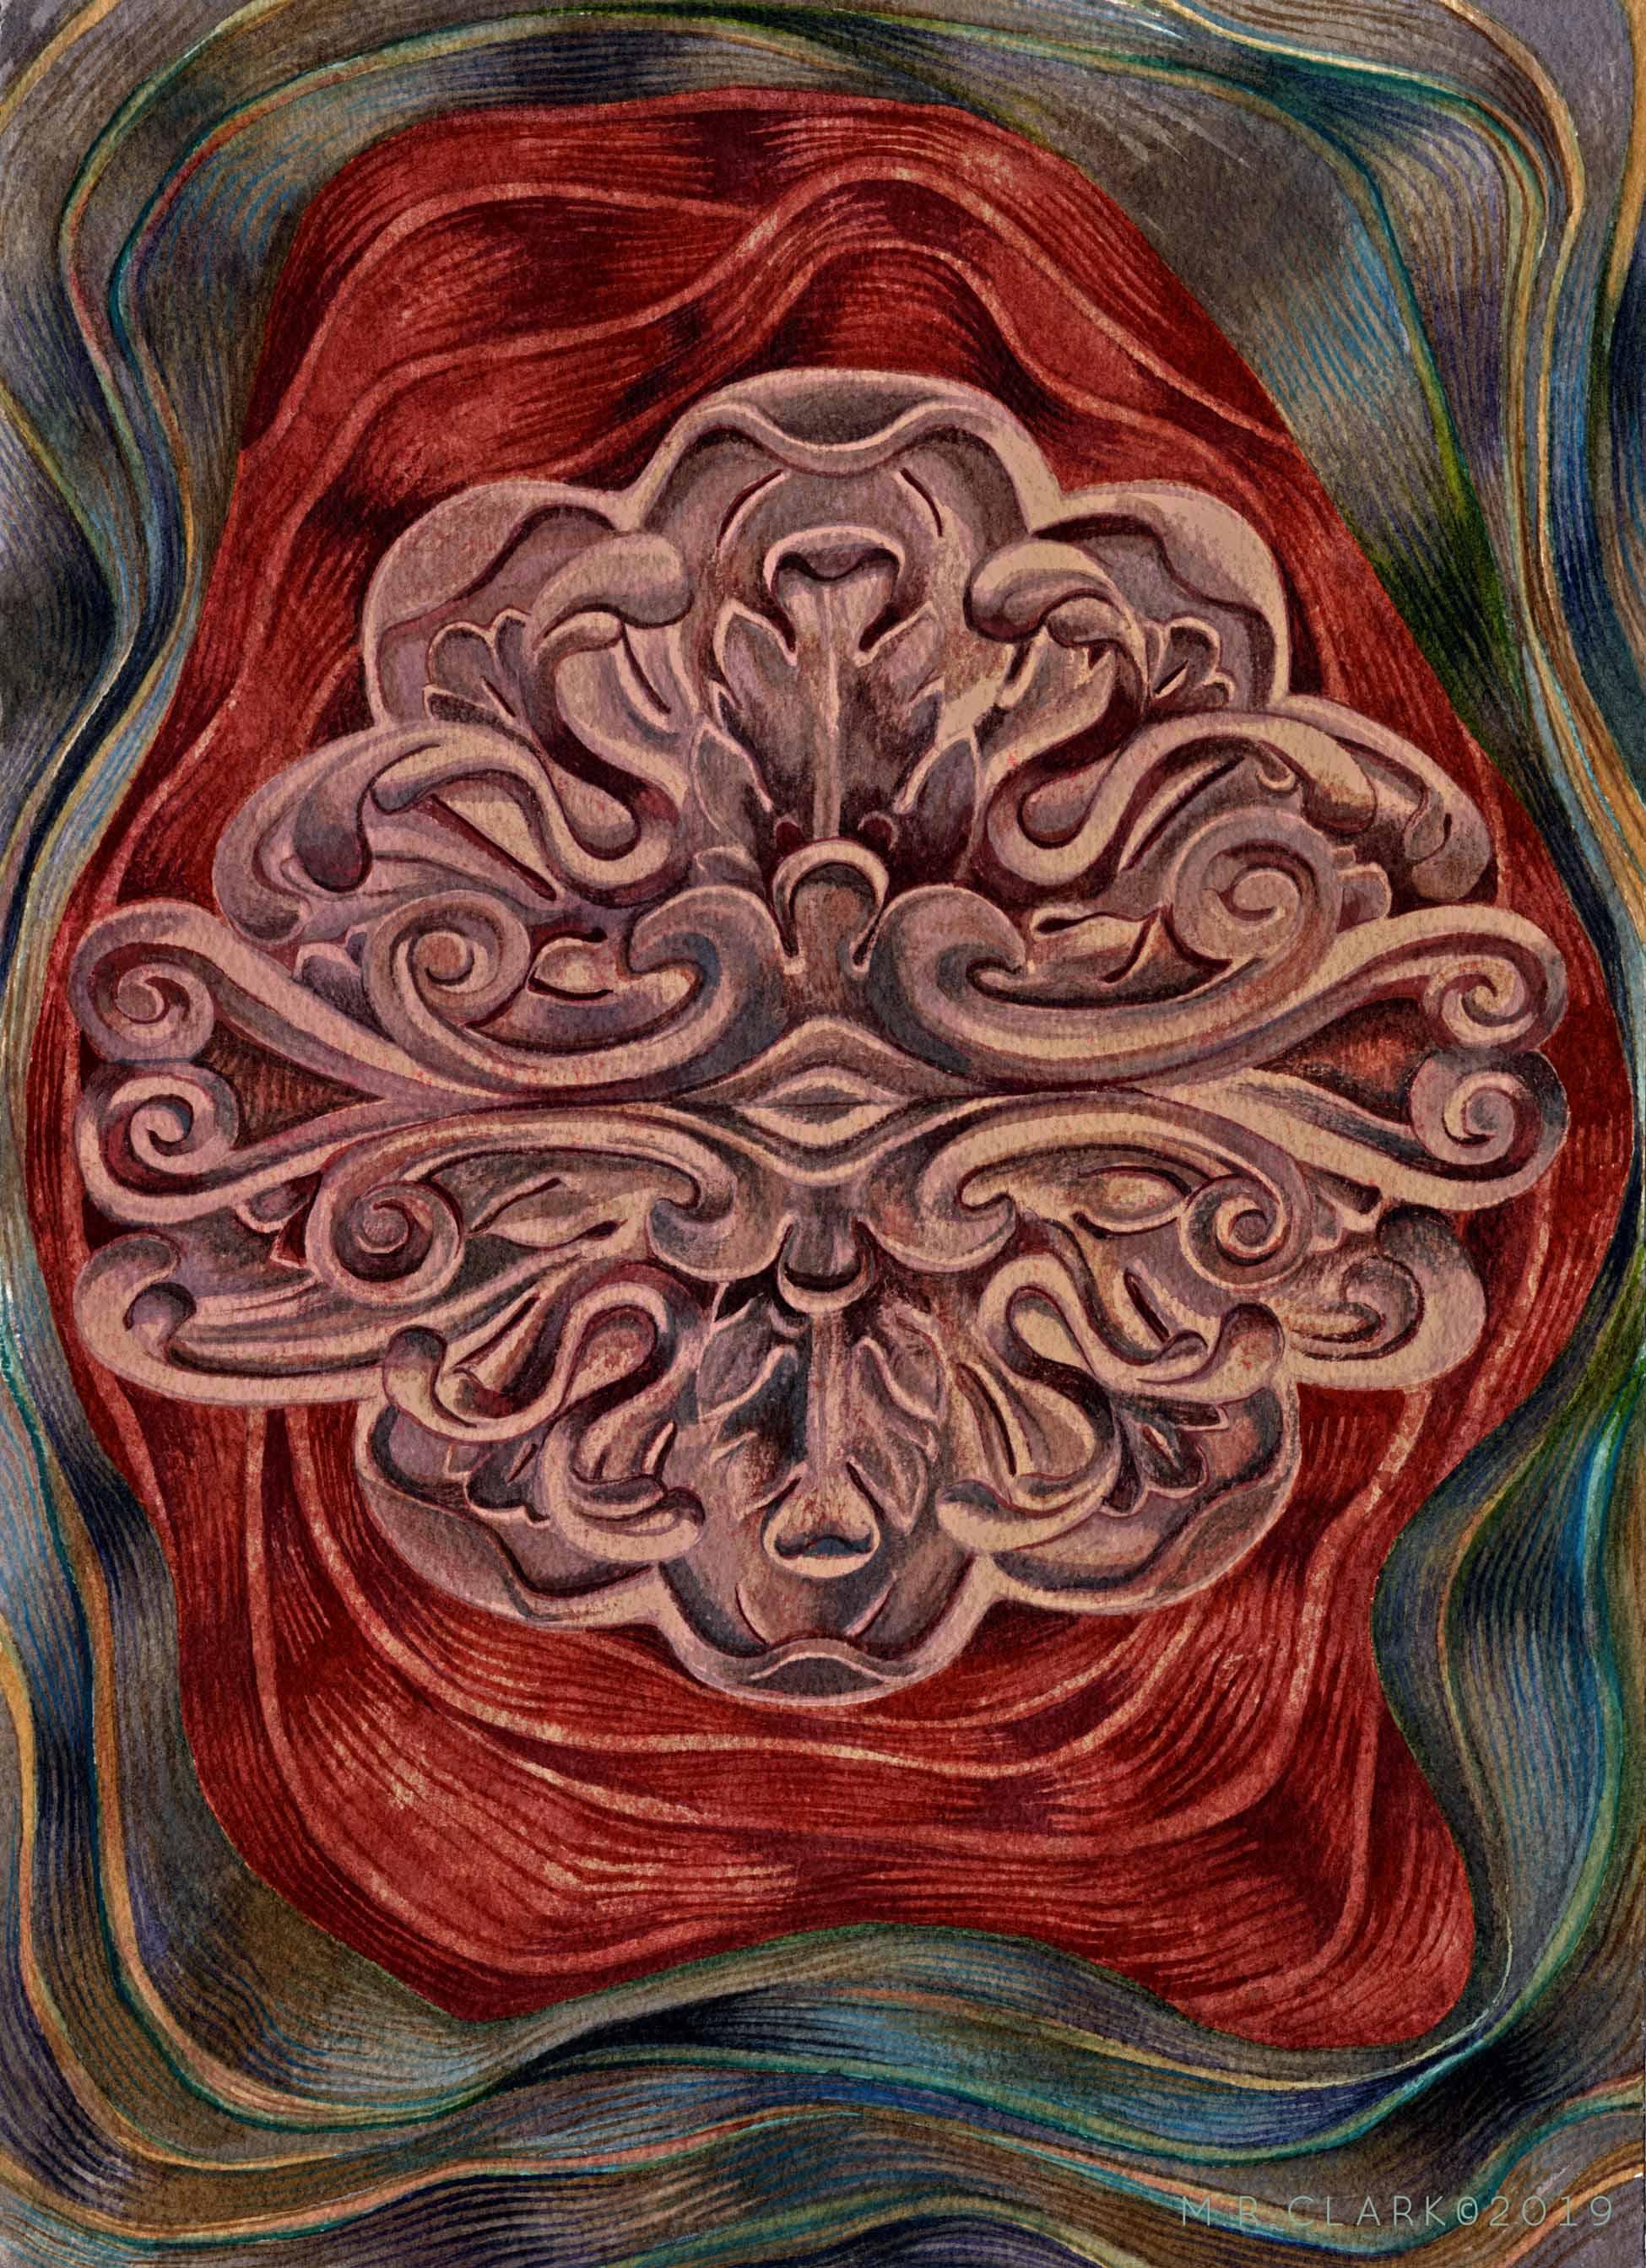 Rosette Medallion web watermark.jpg